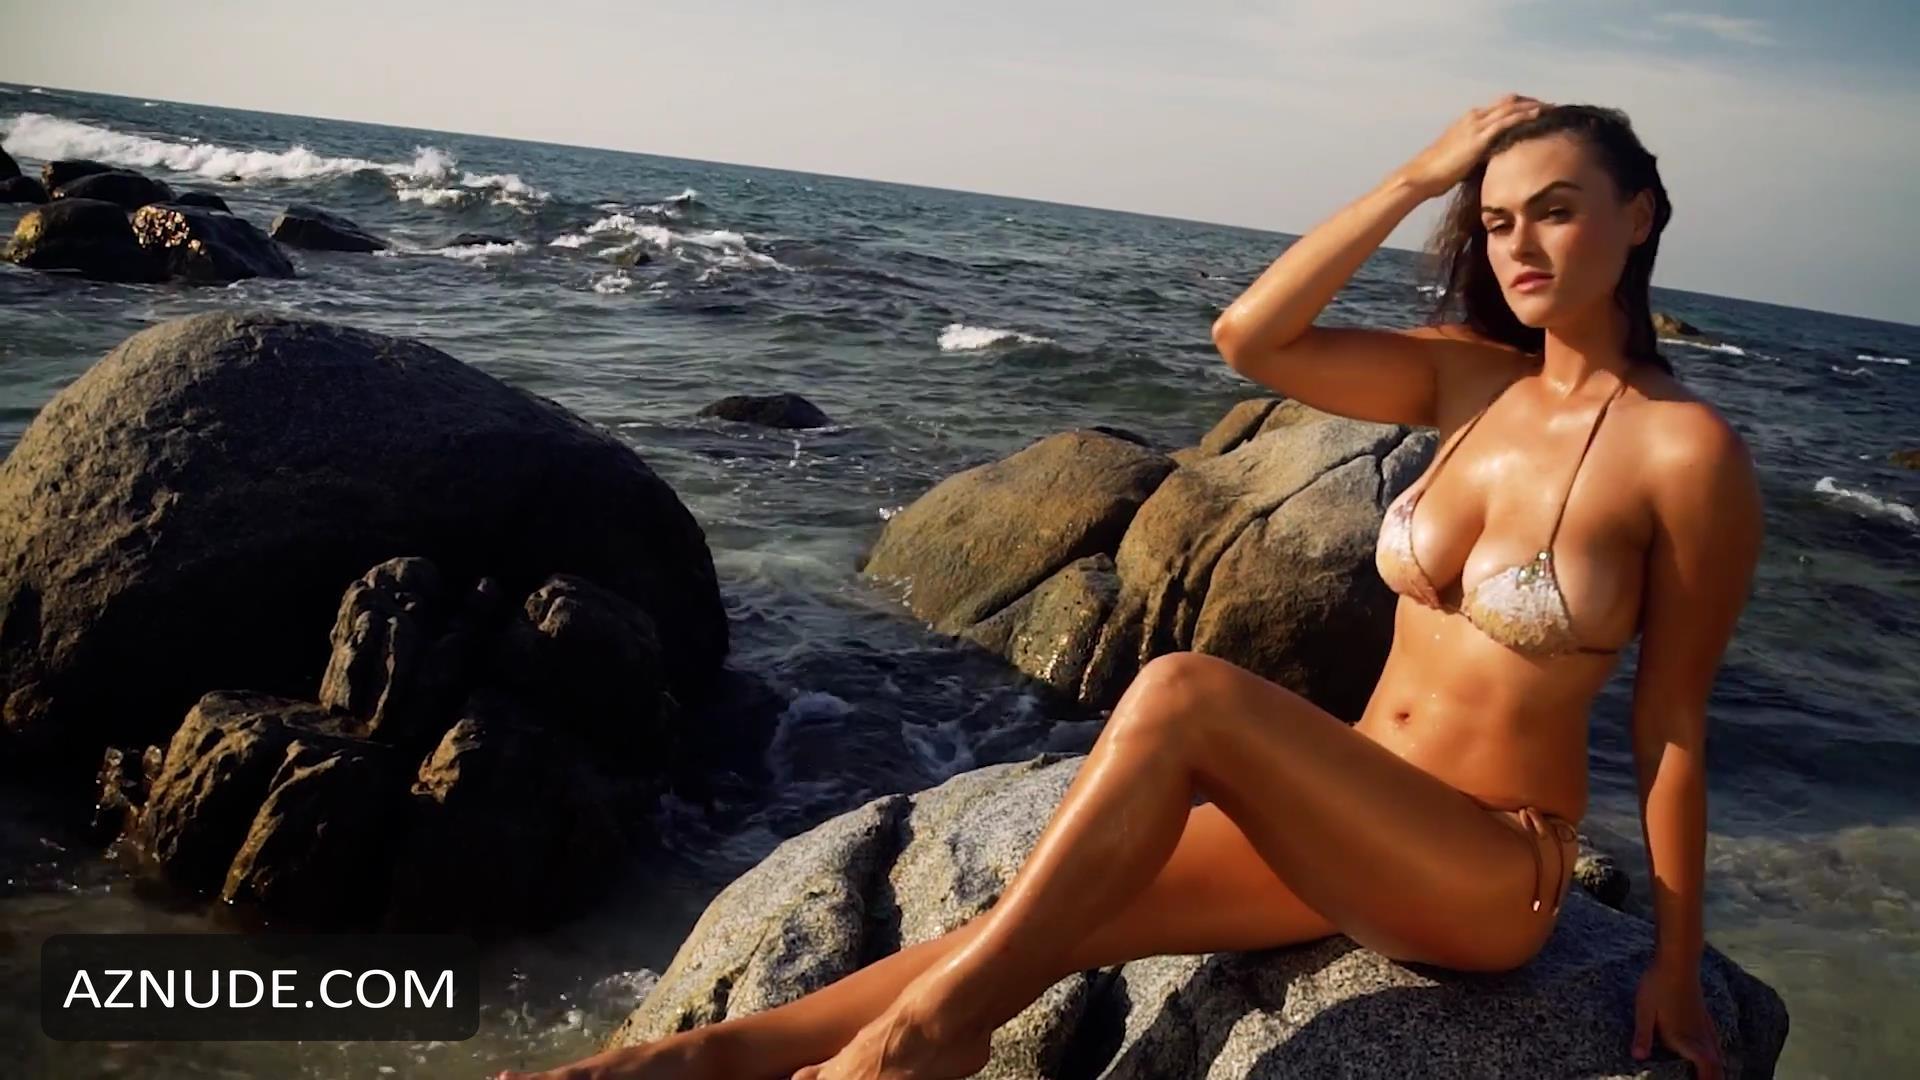 Lena headey naked pics